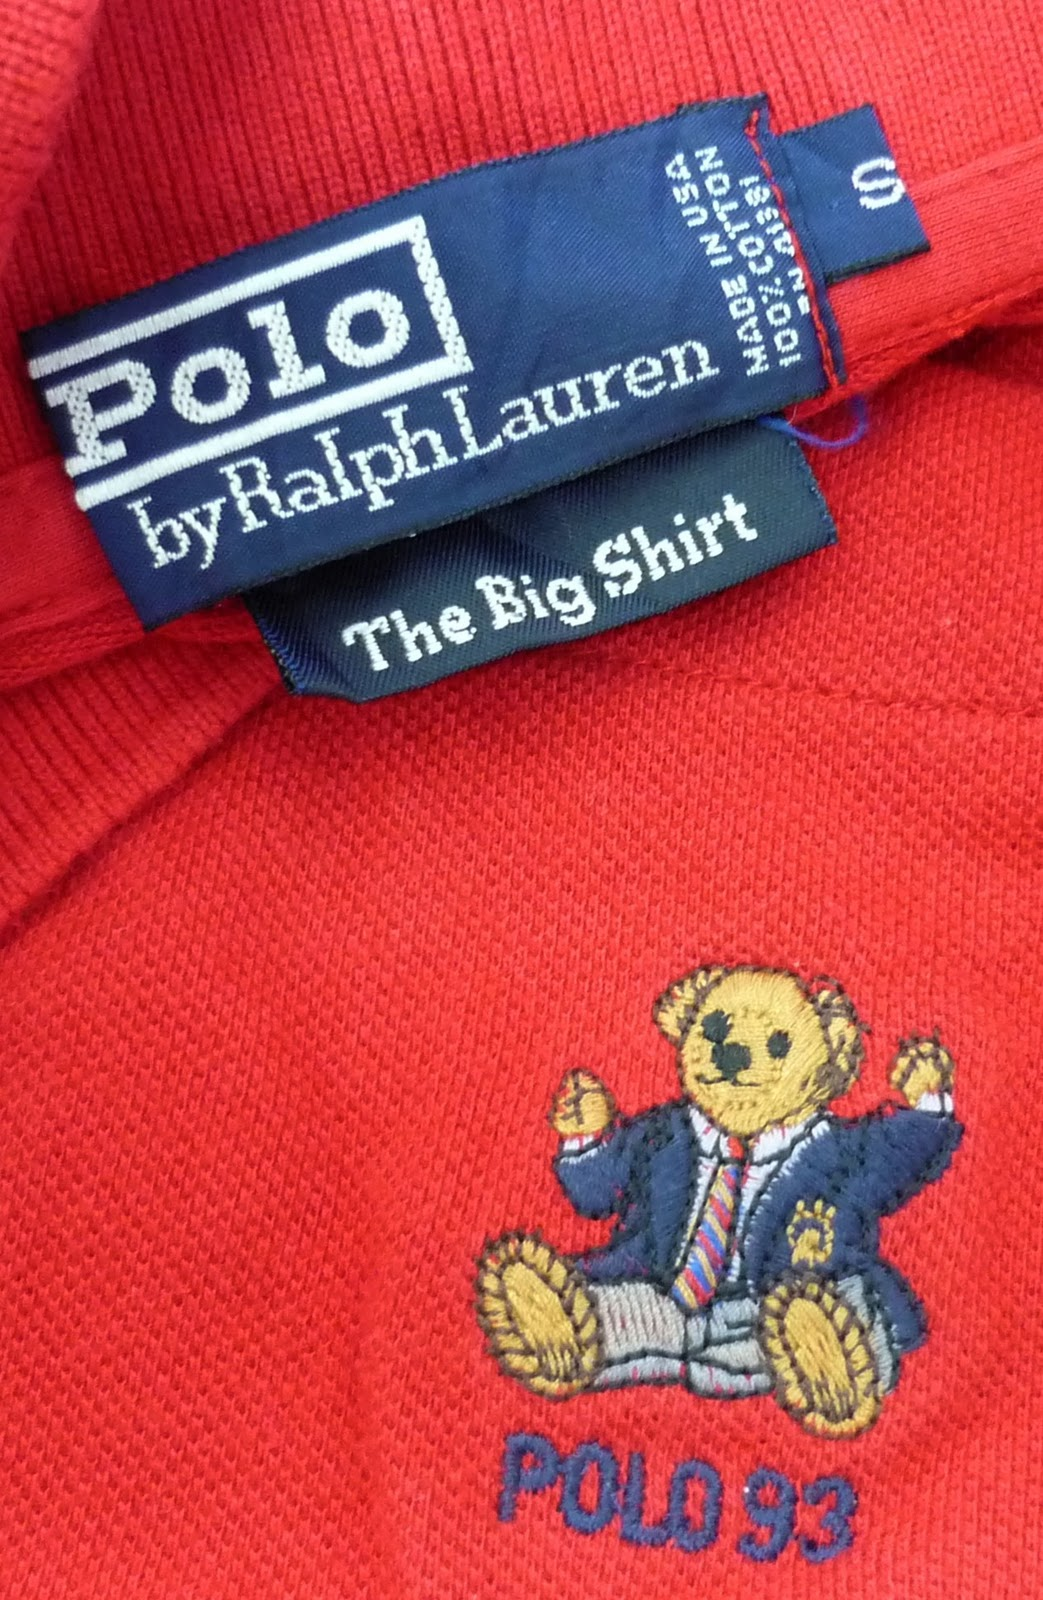 44a2632a29e POLO ralph lauren collection. POLO BEAR XL